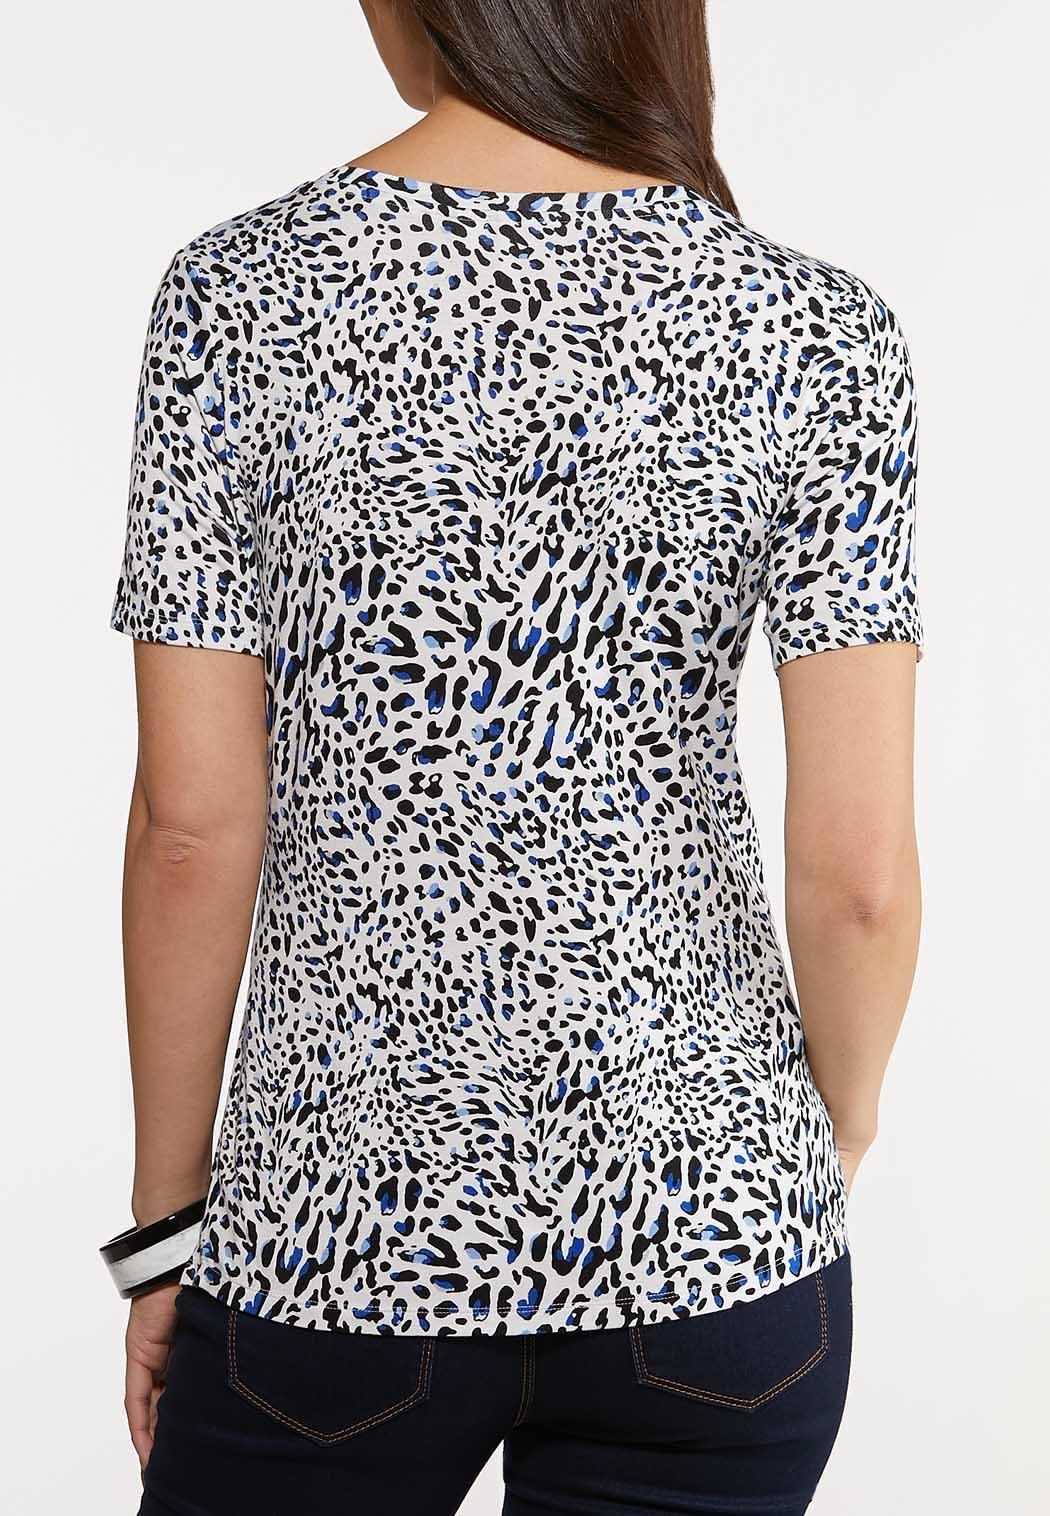 Plus Size Navy Leopard Top (Item #44157018)